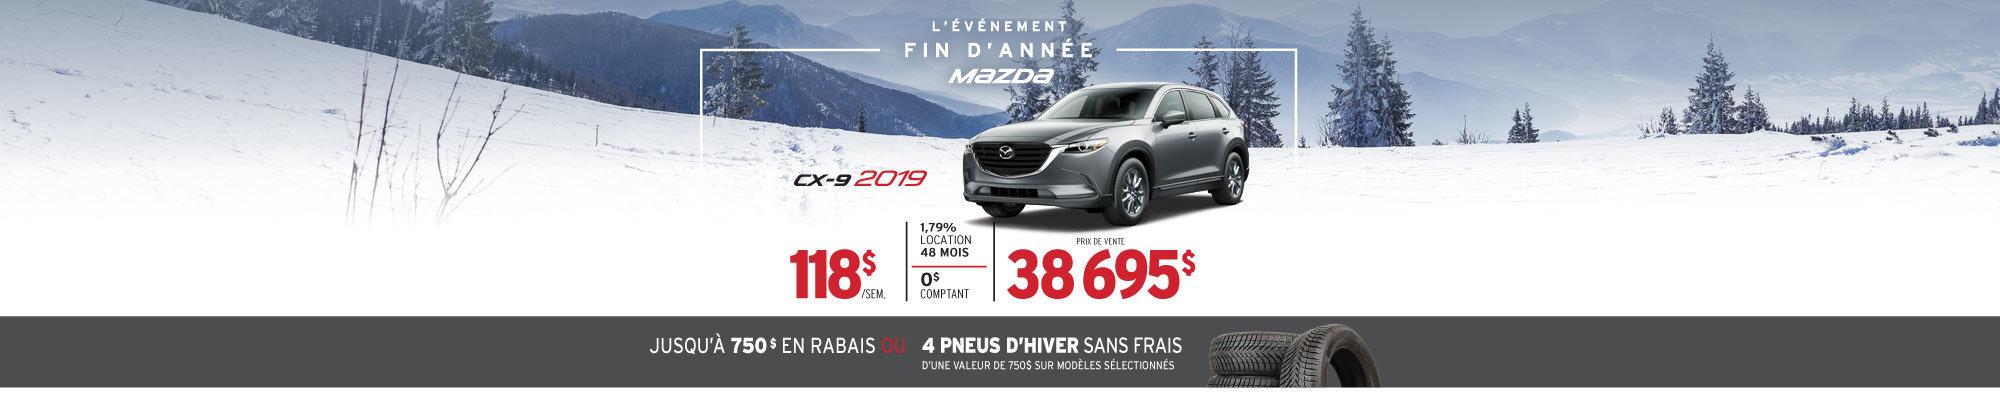 L'ÉVÉNEMENT FIN D'ANNÉE AU GROUPE BEAUCAGE MAZDA - CX-9!